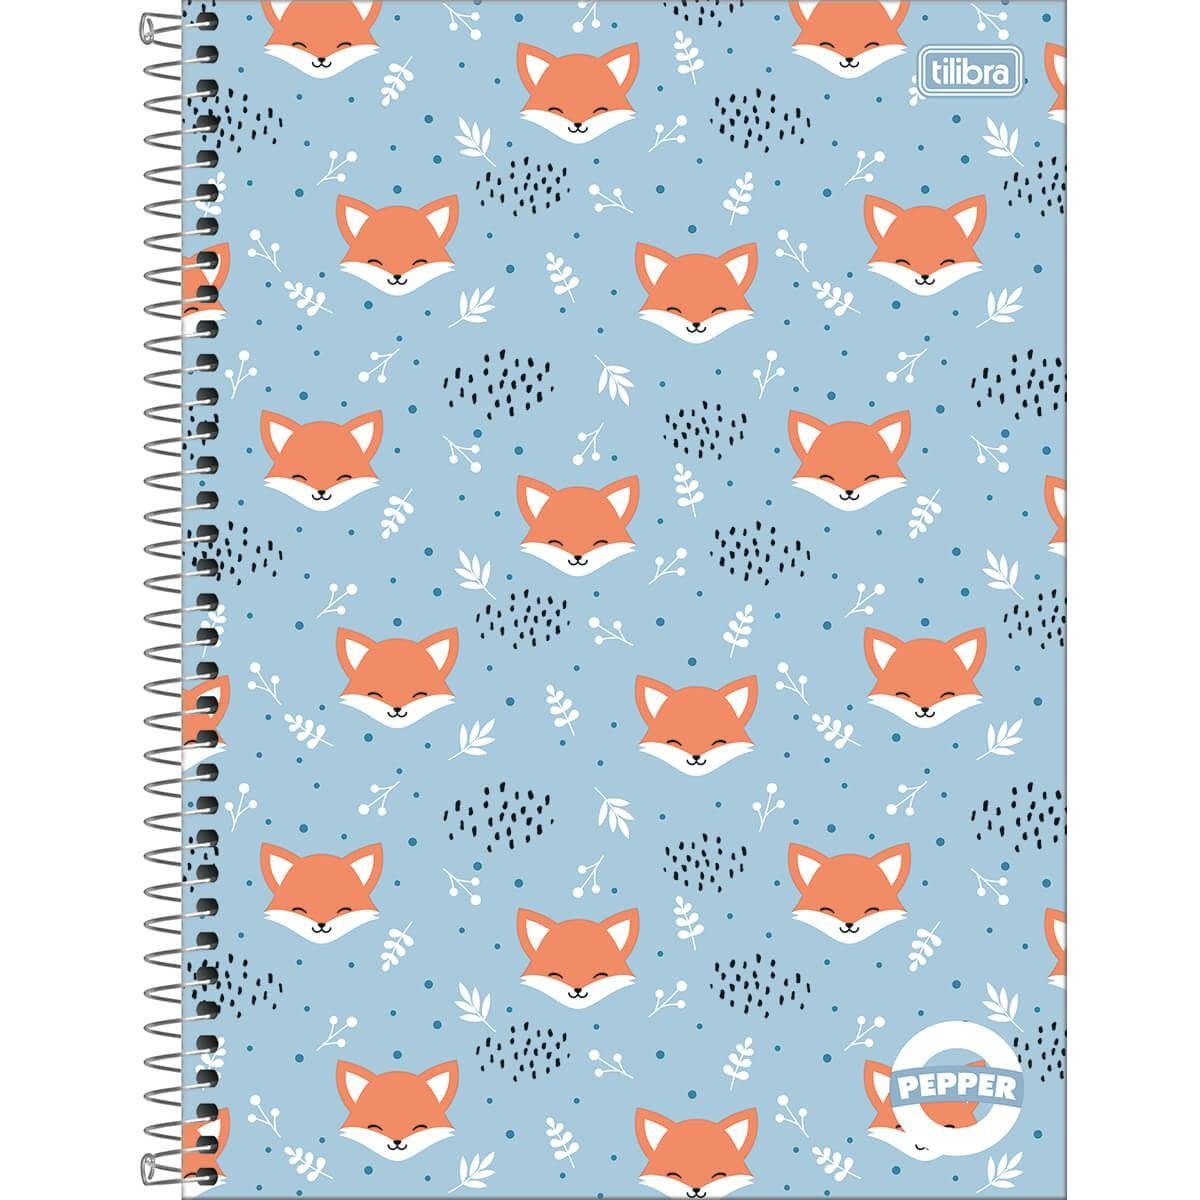 Caderno Espiral Capa Dura Universitário 16 Matérias Pepper 256 Fls - Tilibra